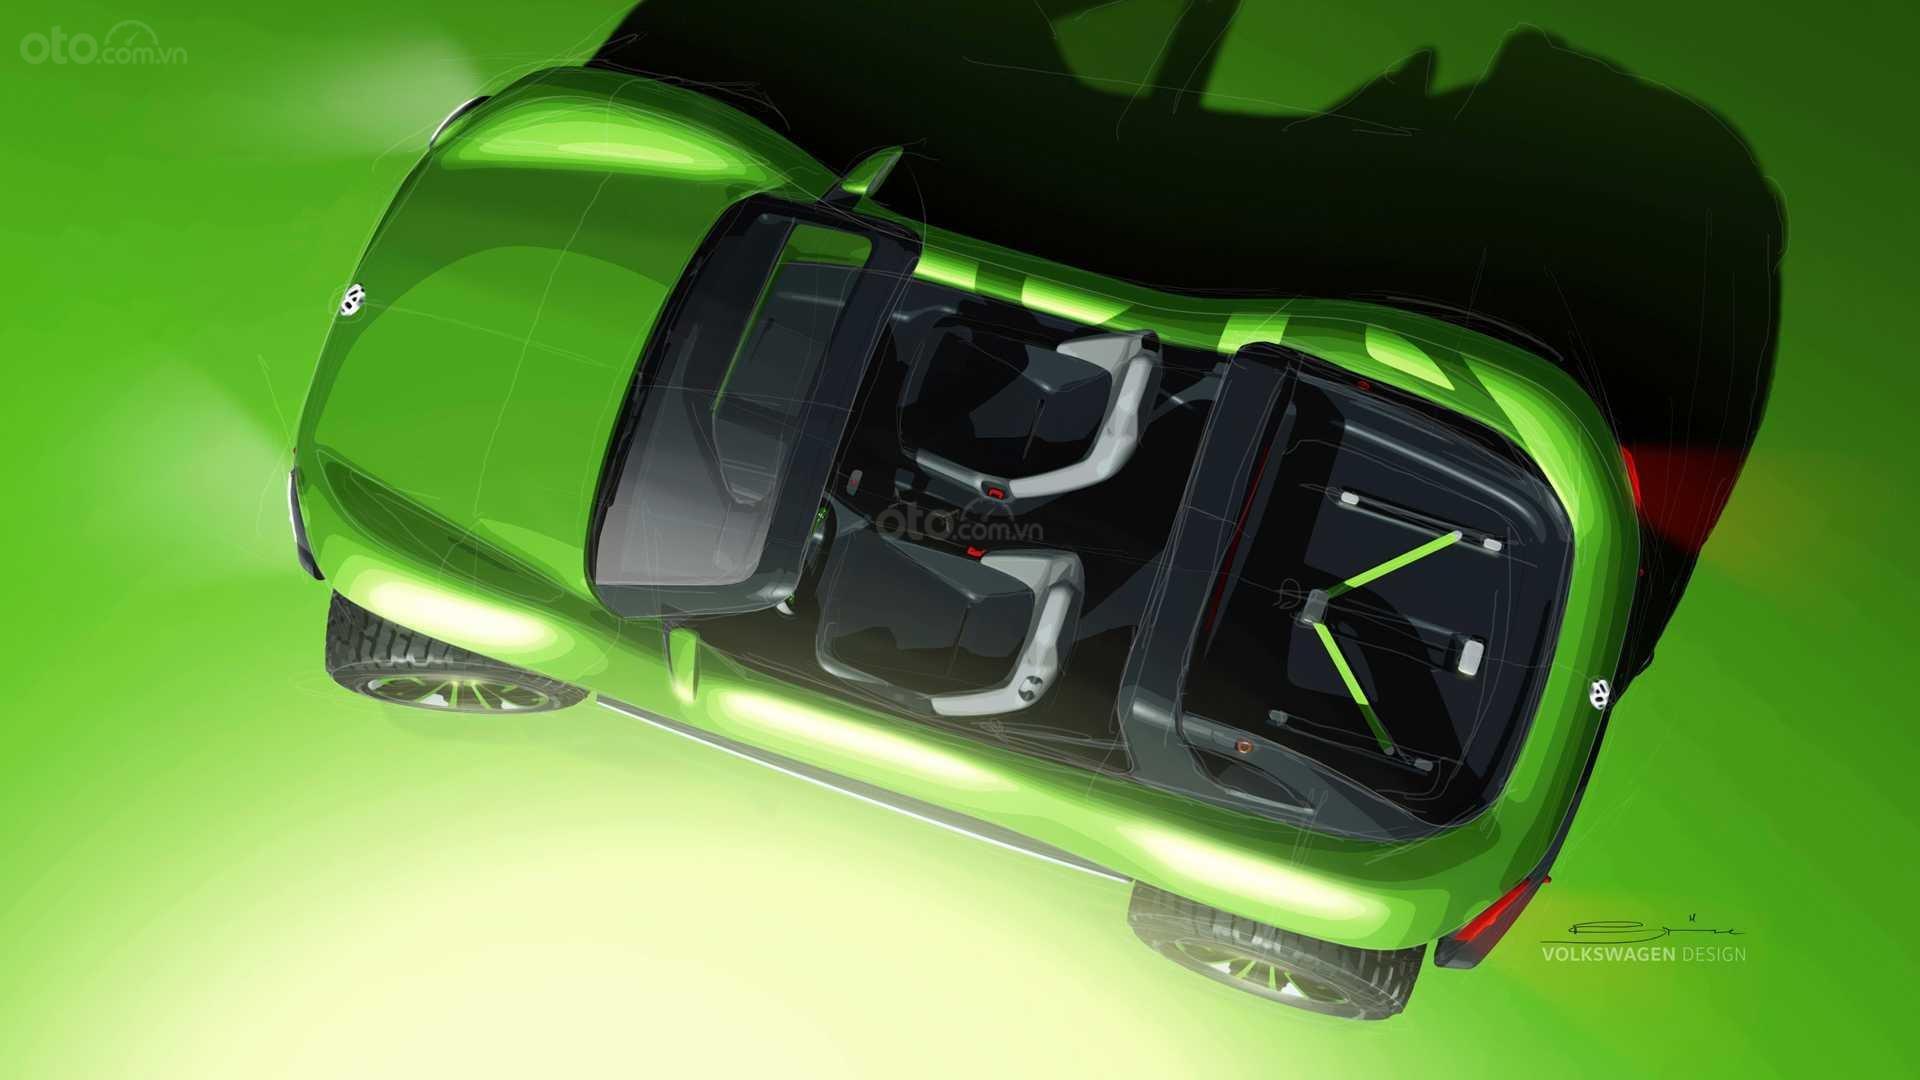 Volkswagen I.D. Buggy Concept cận cảnh nóc xe